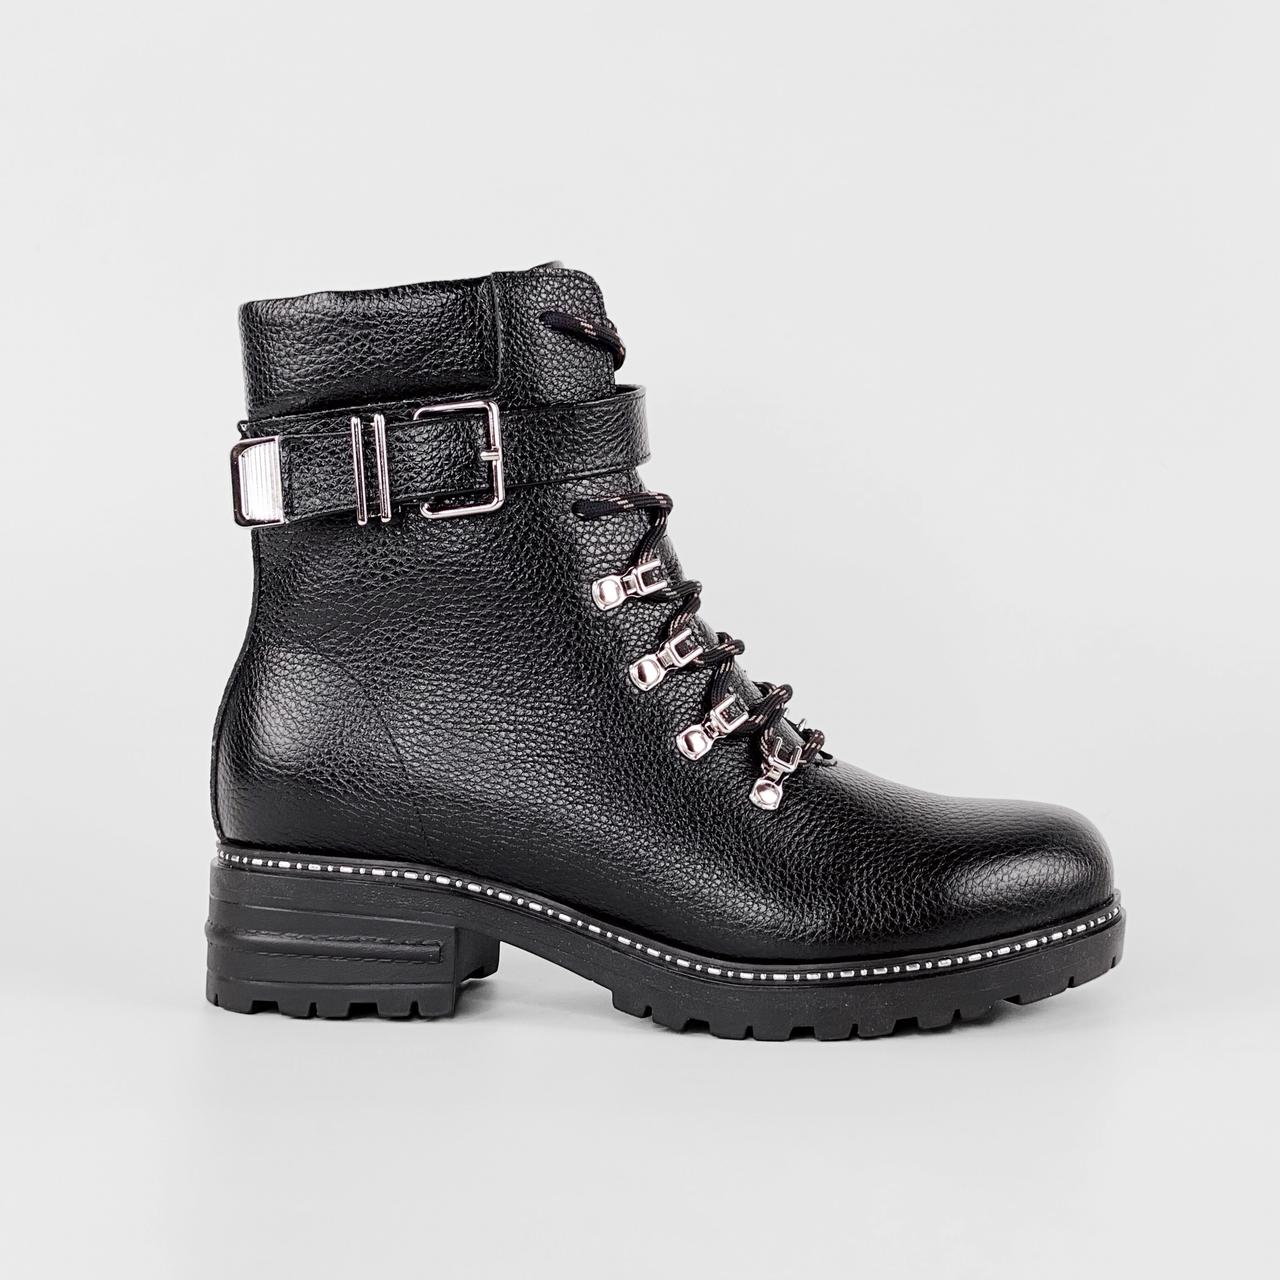 Ботинки женские кожаные черные на шнурках с ремнем MORENTO зимние